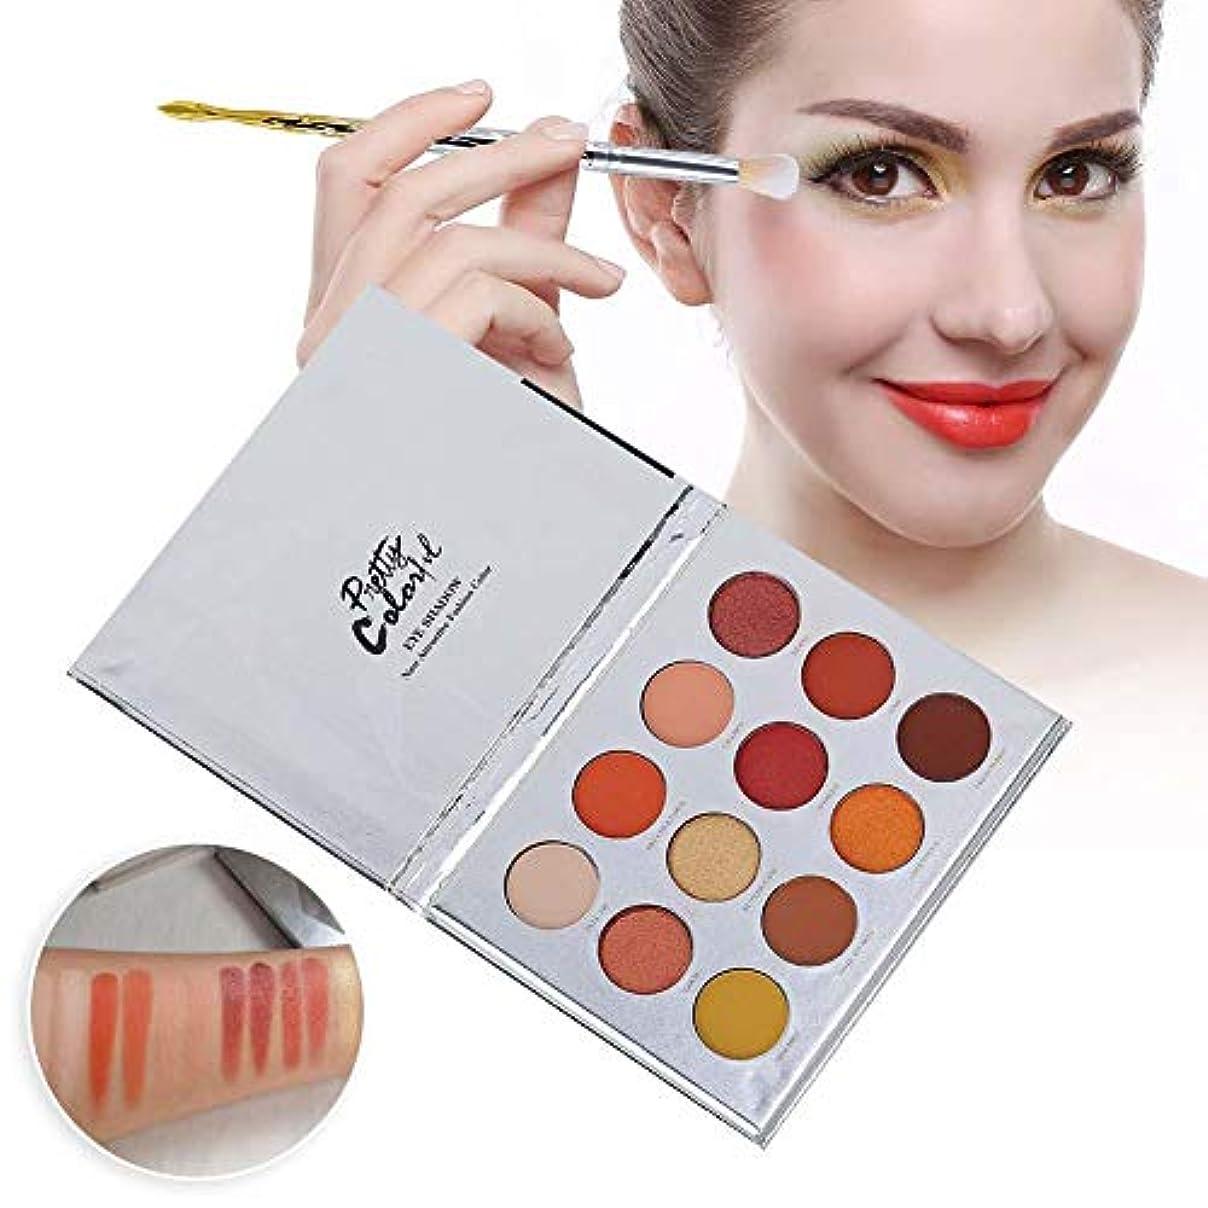 オーナー集団ラジエーターアイシャドウパレット 12色 化粧マット 化粧品ツール グロス アイシャドウパウダー